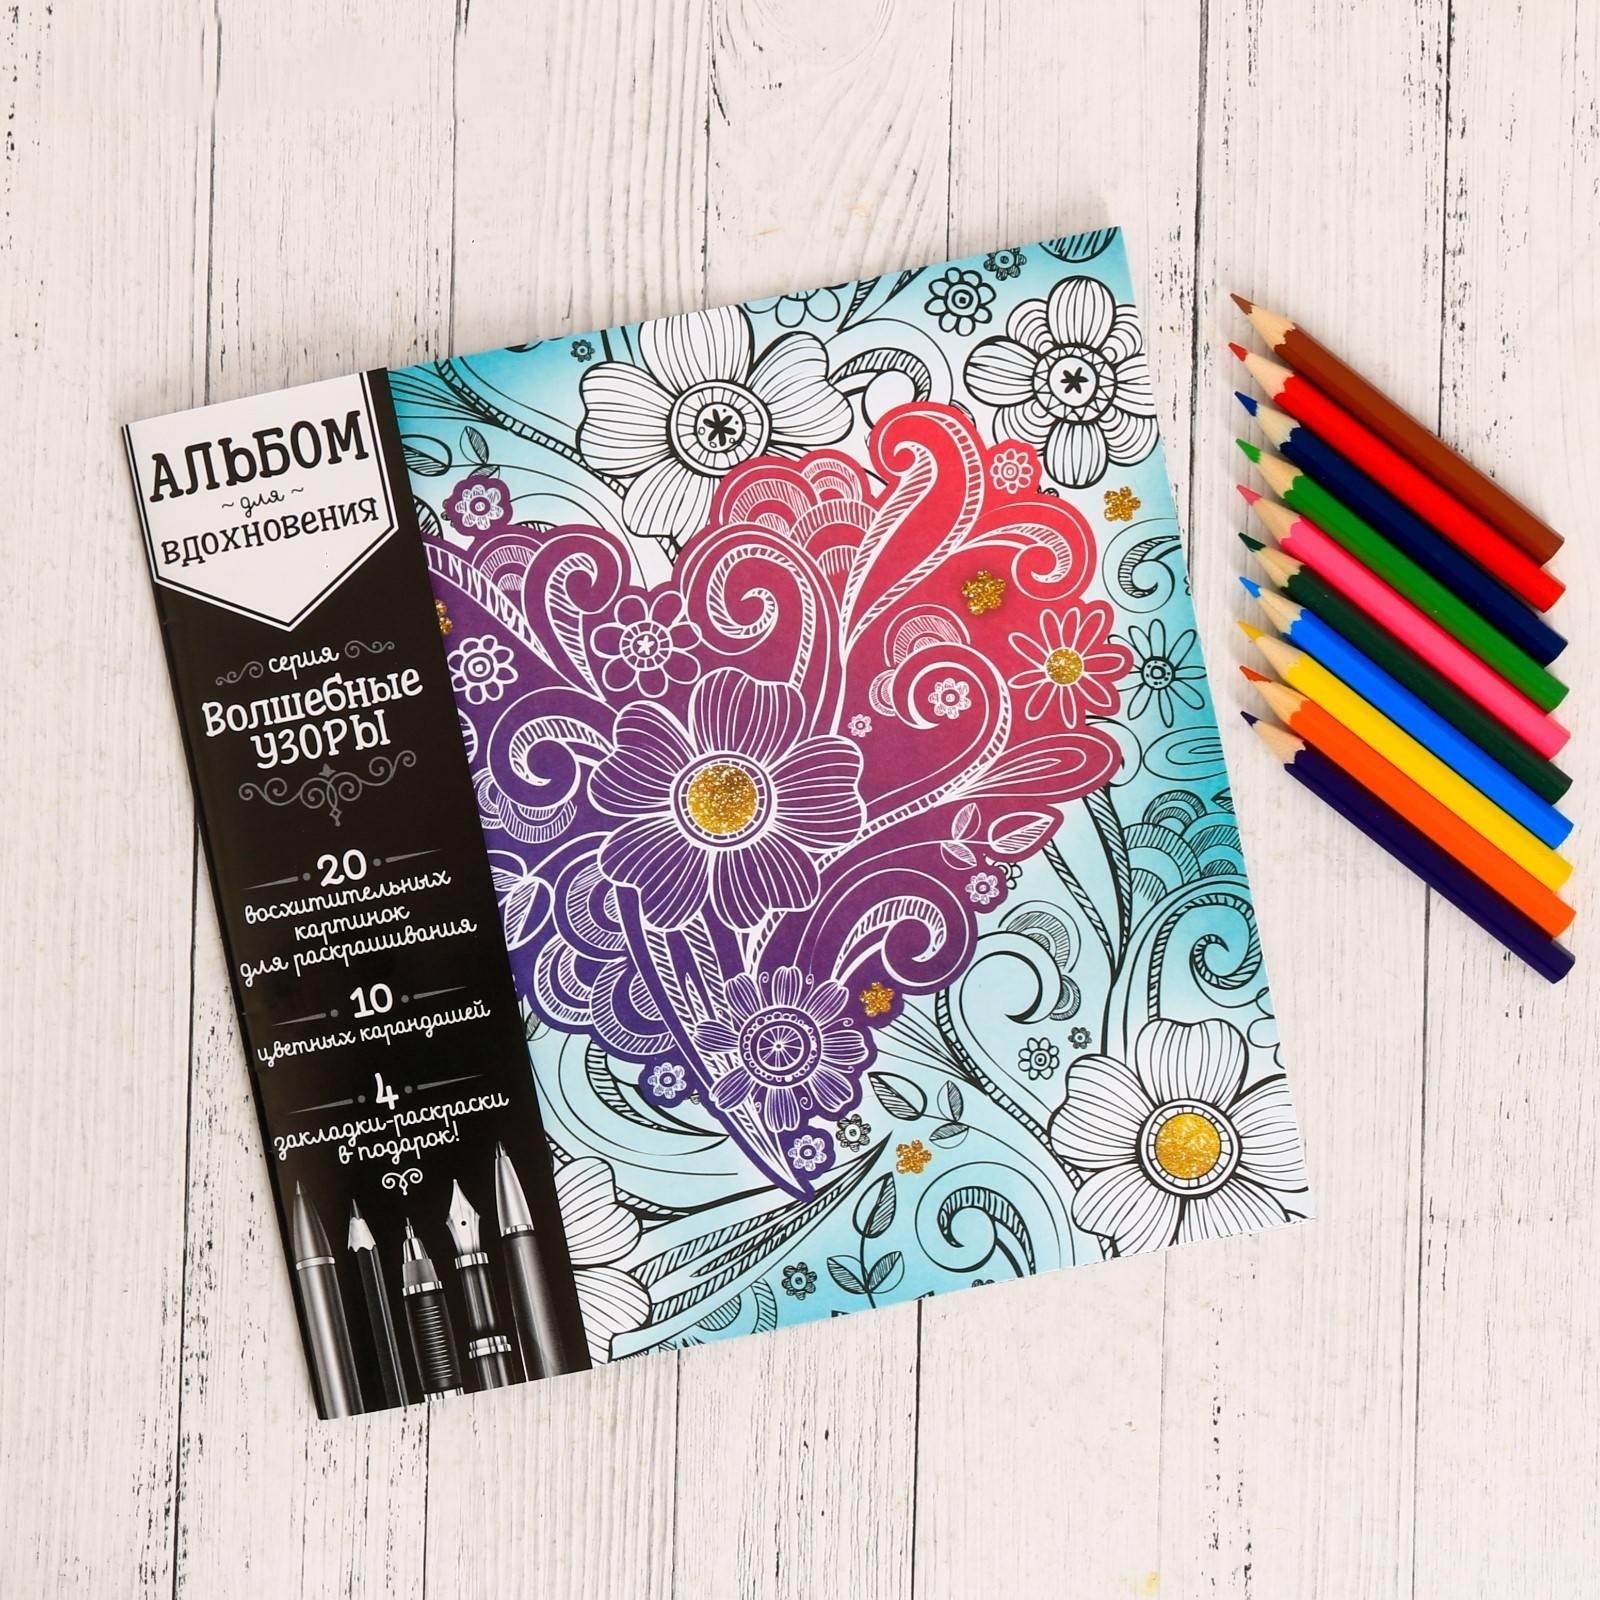 Раскраски антистресс: уникальная арт терапия для взрослых ...